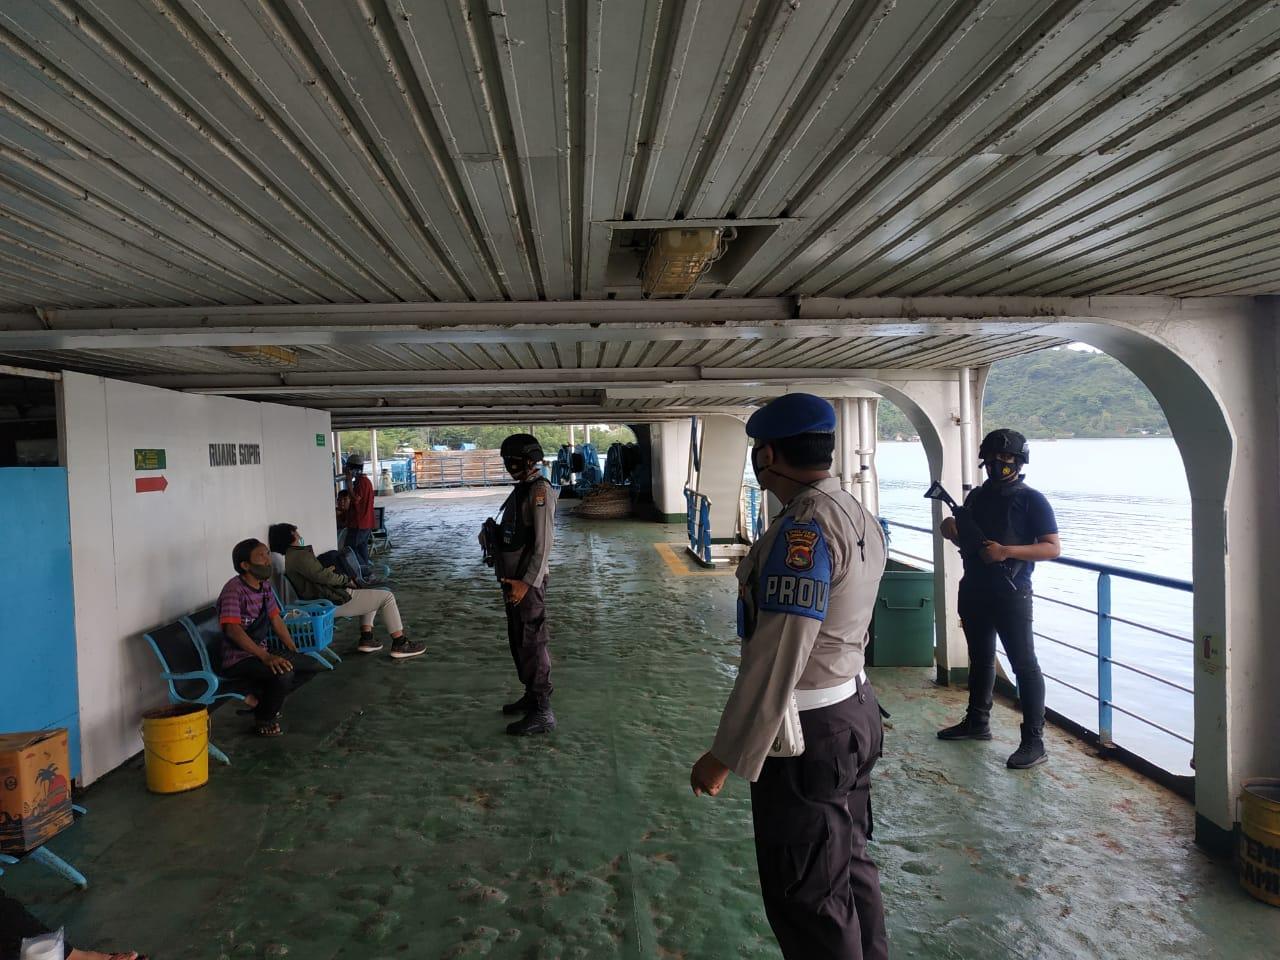 Pemeriksaan di Pelabuhan Lembar Lebih Ditensifkan, Baik yang Masuk Maupun Keluar Pelabuhan